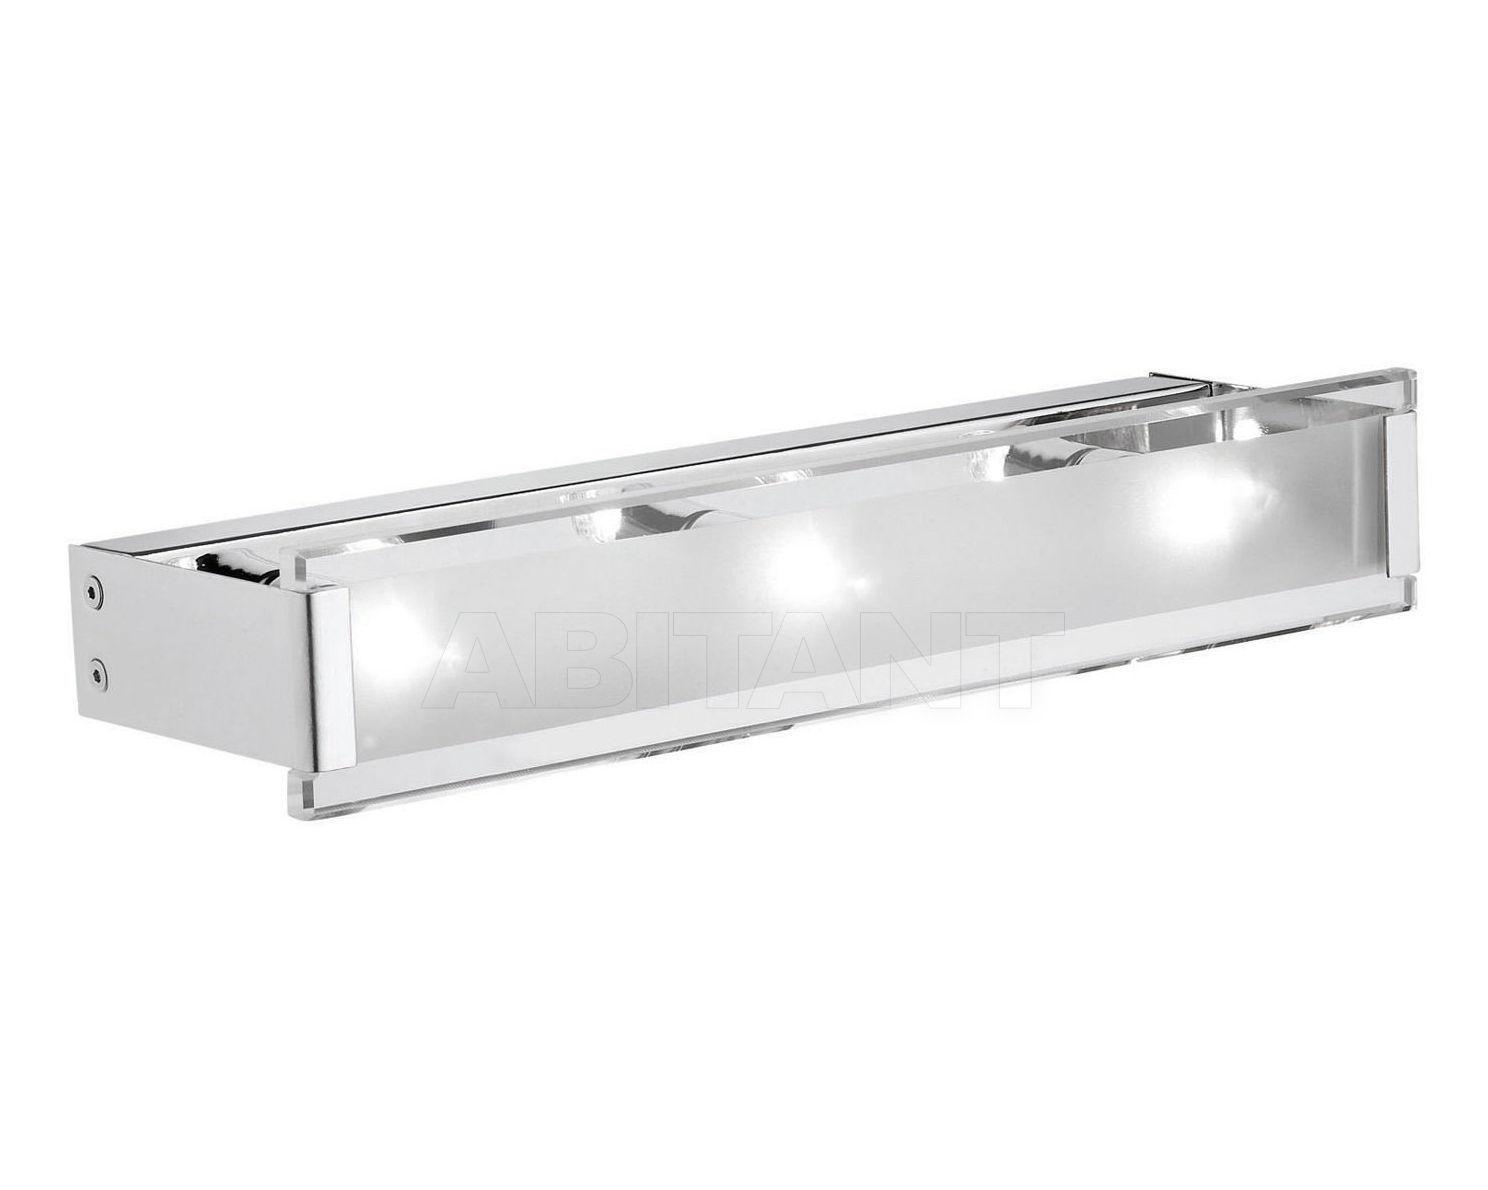 Купить Светильник настенный Ideal Lux 2013-2014 TEK AP3